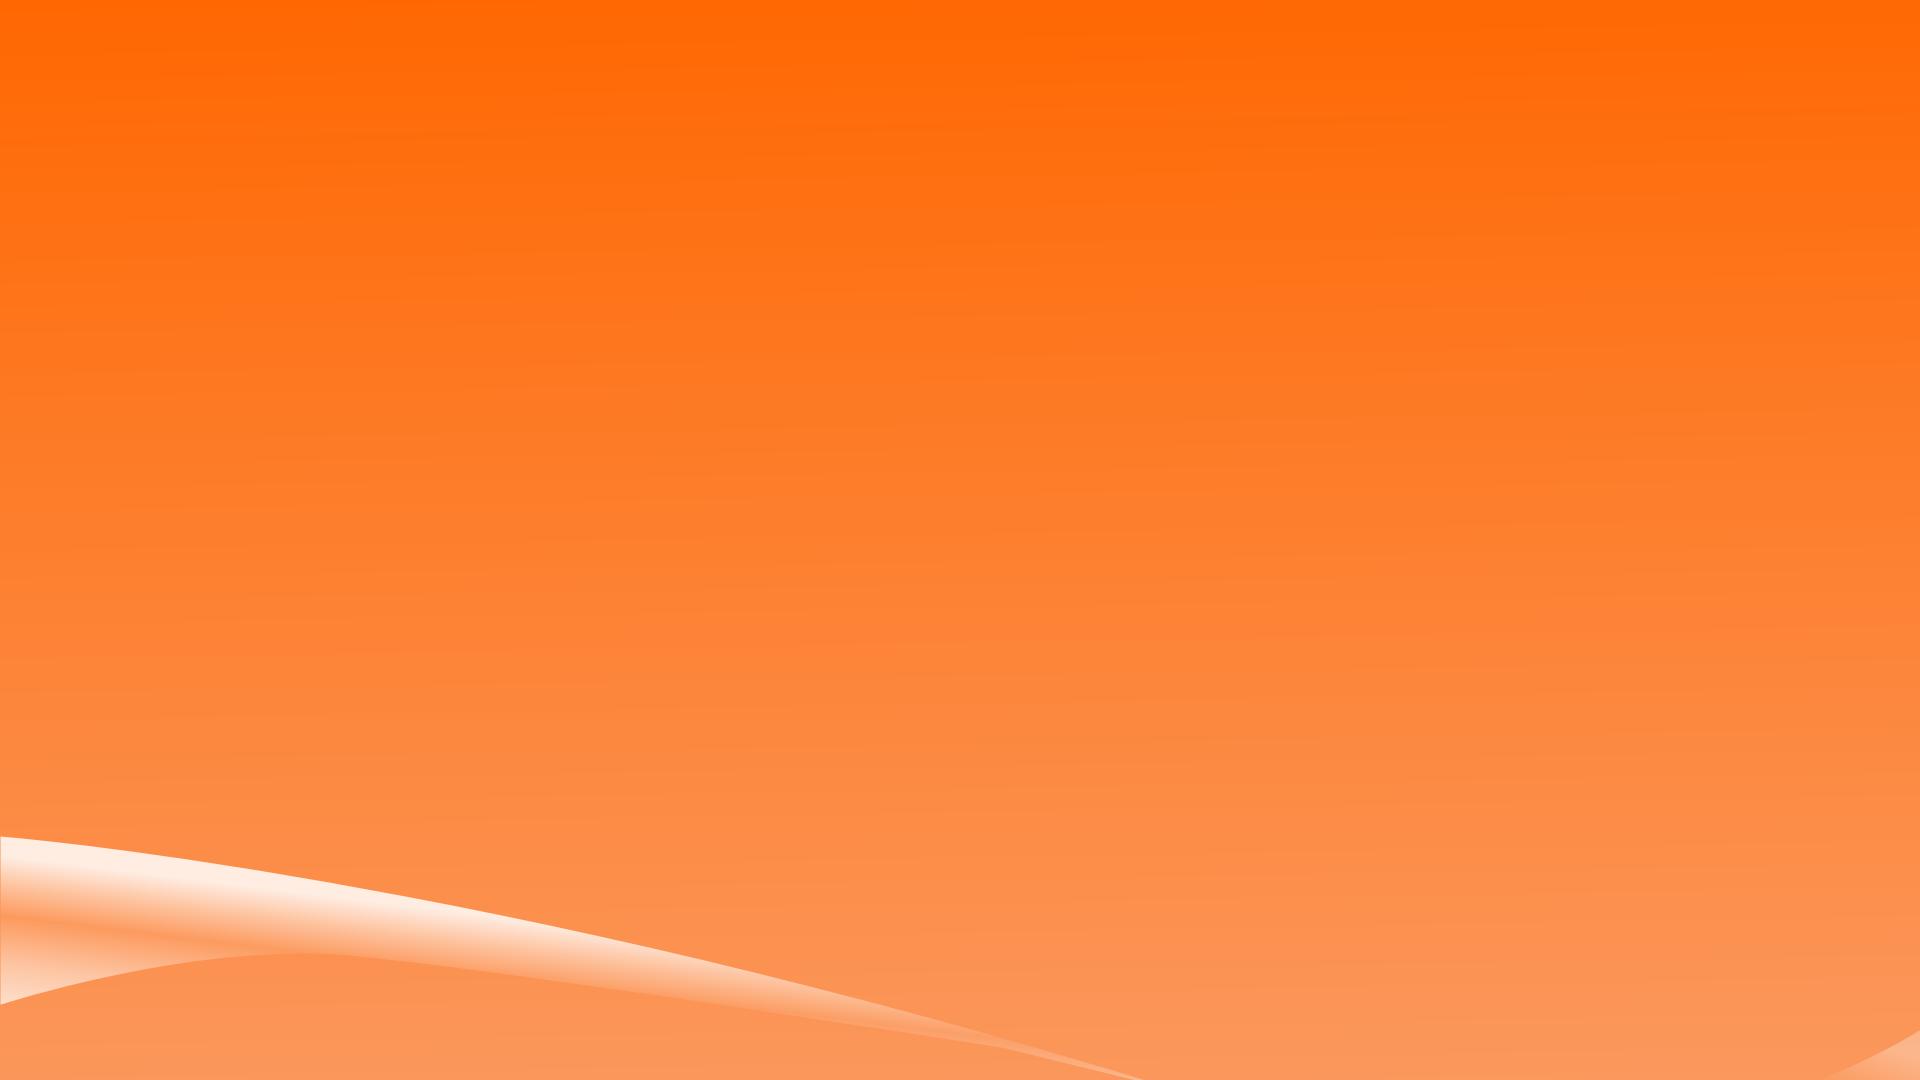 картинка шаблон оранжевый нем должен ощущаться